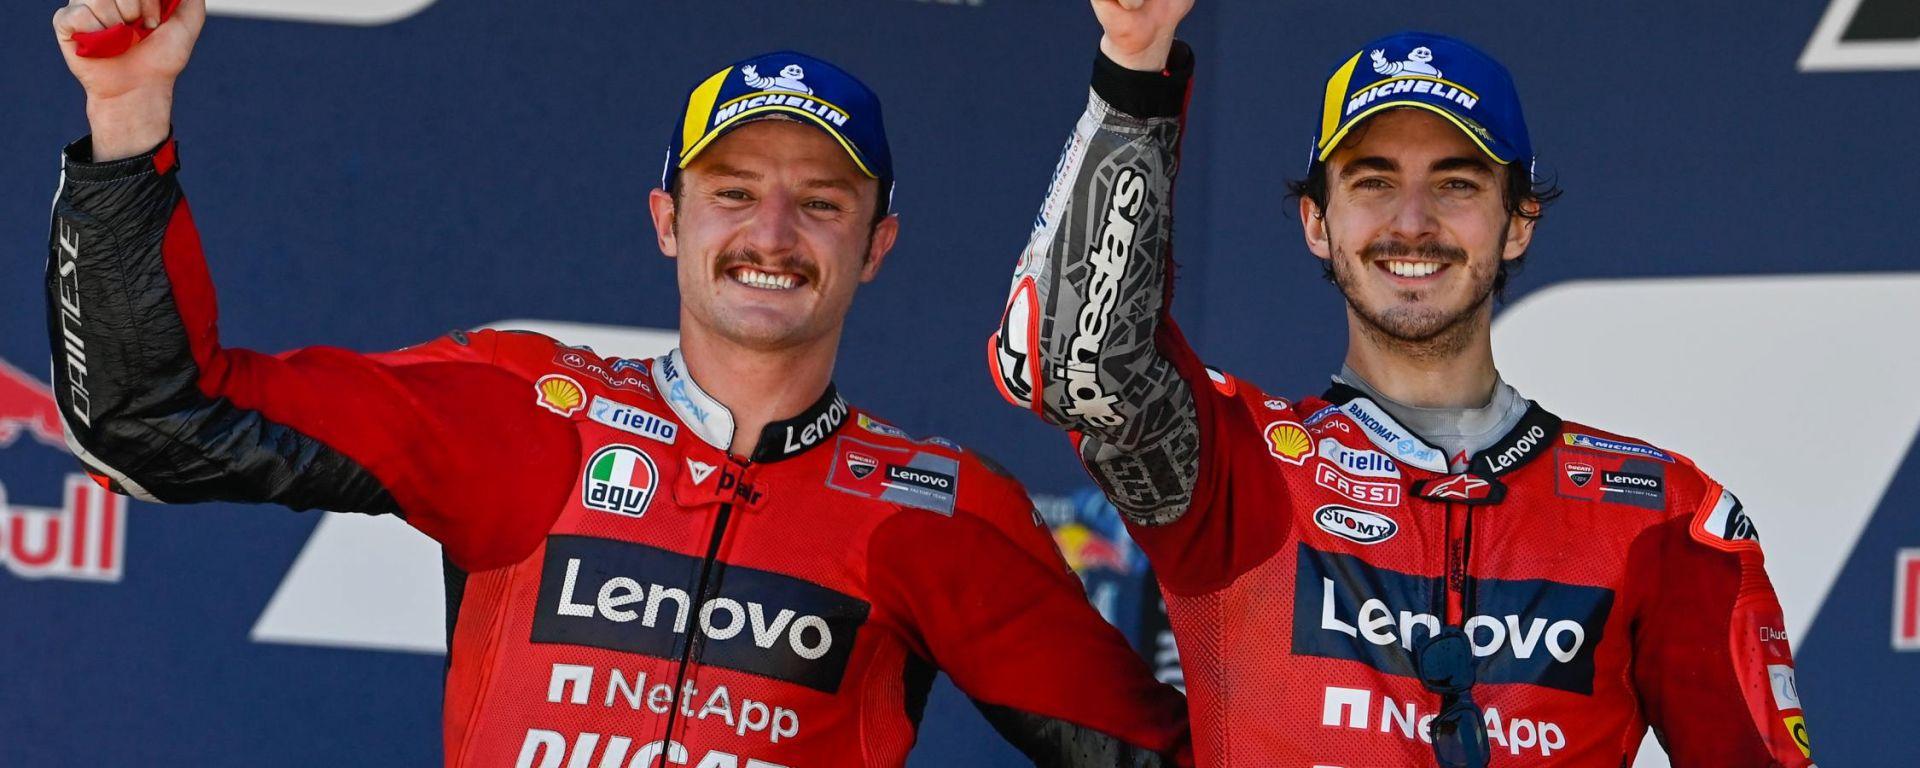 MotoGP Spagna 2021, Jerez: Jack Miller e Francesco Bagnaia (Ducati) sul podio